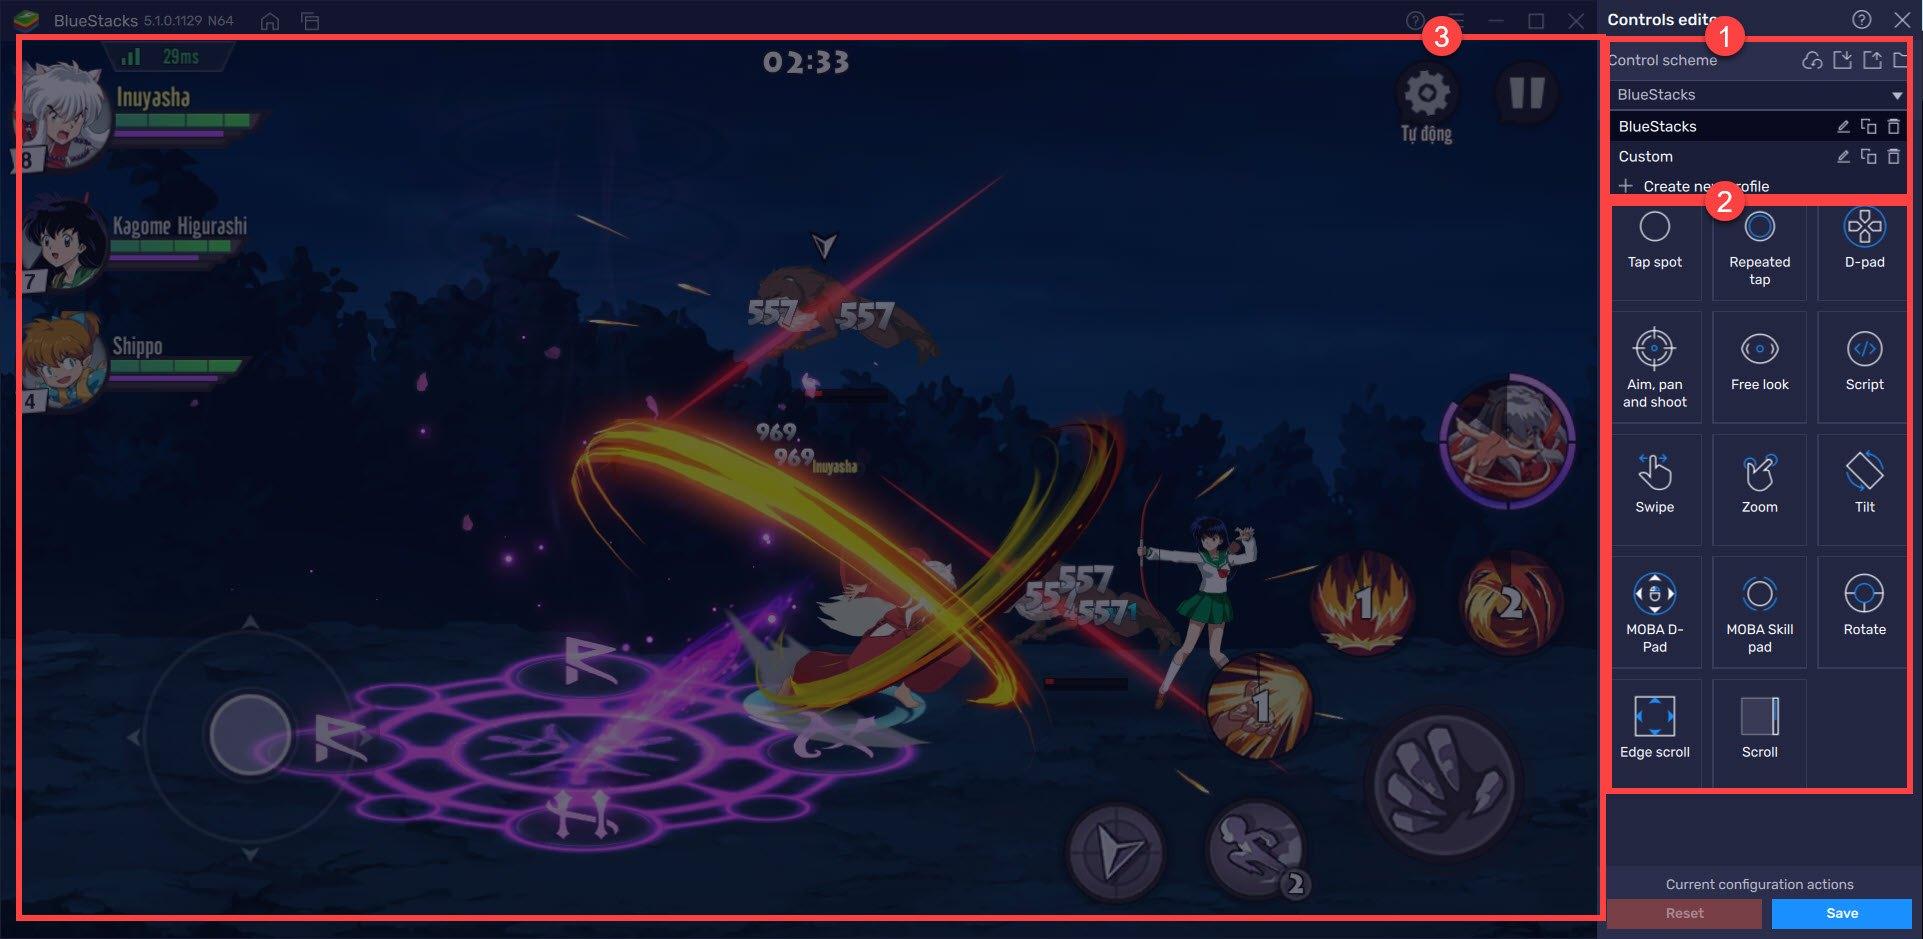 Chơi Khuyển Dạ Xoa Truyền Kỳ trên PC: Hướng dẫn gán phím điều khiển nhân vật